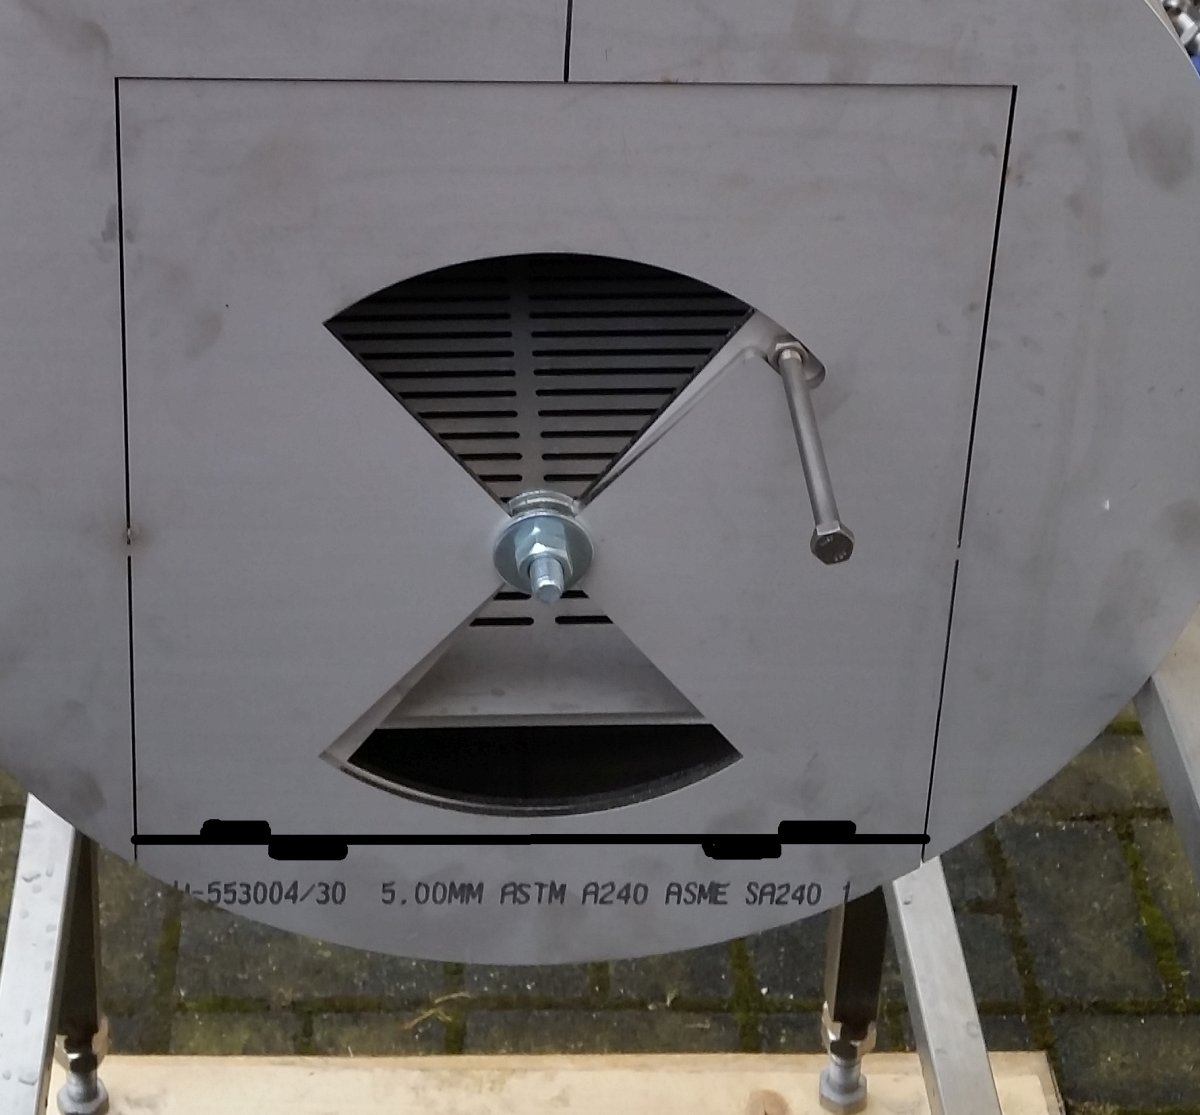 006-1-Laserteile2-Schanier.jpg